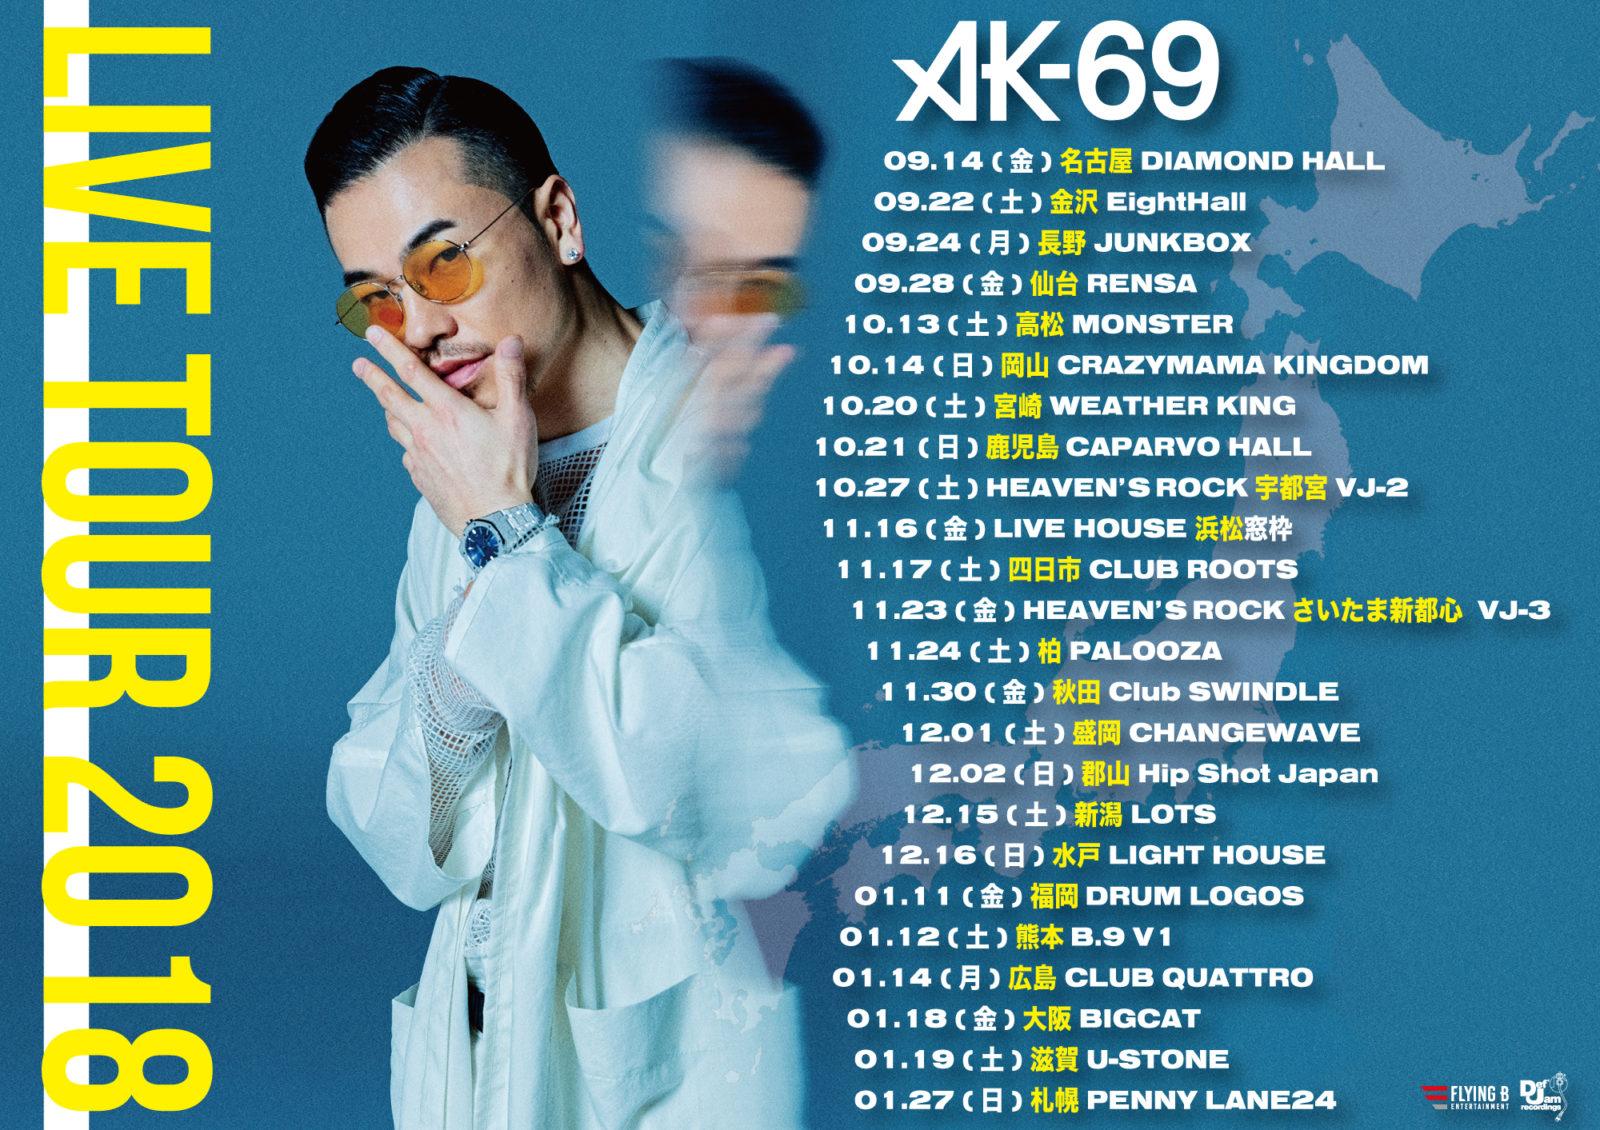 AK-69 超満員の豊洲PIT公演「ROCK YOU」で全国ツアーを発表サムネイル画像